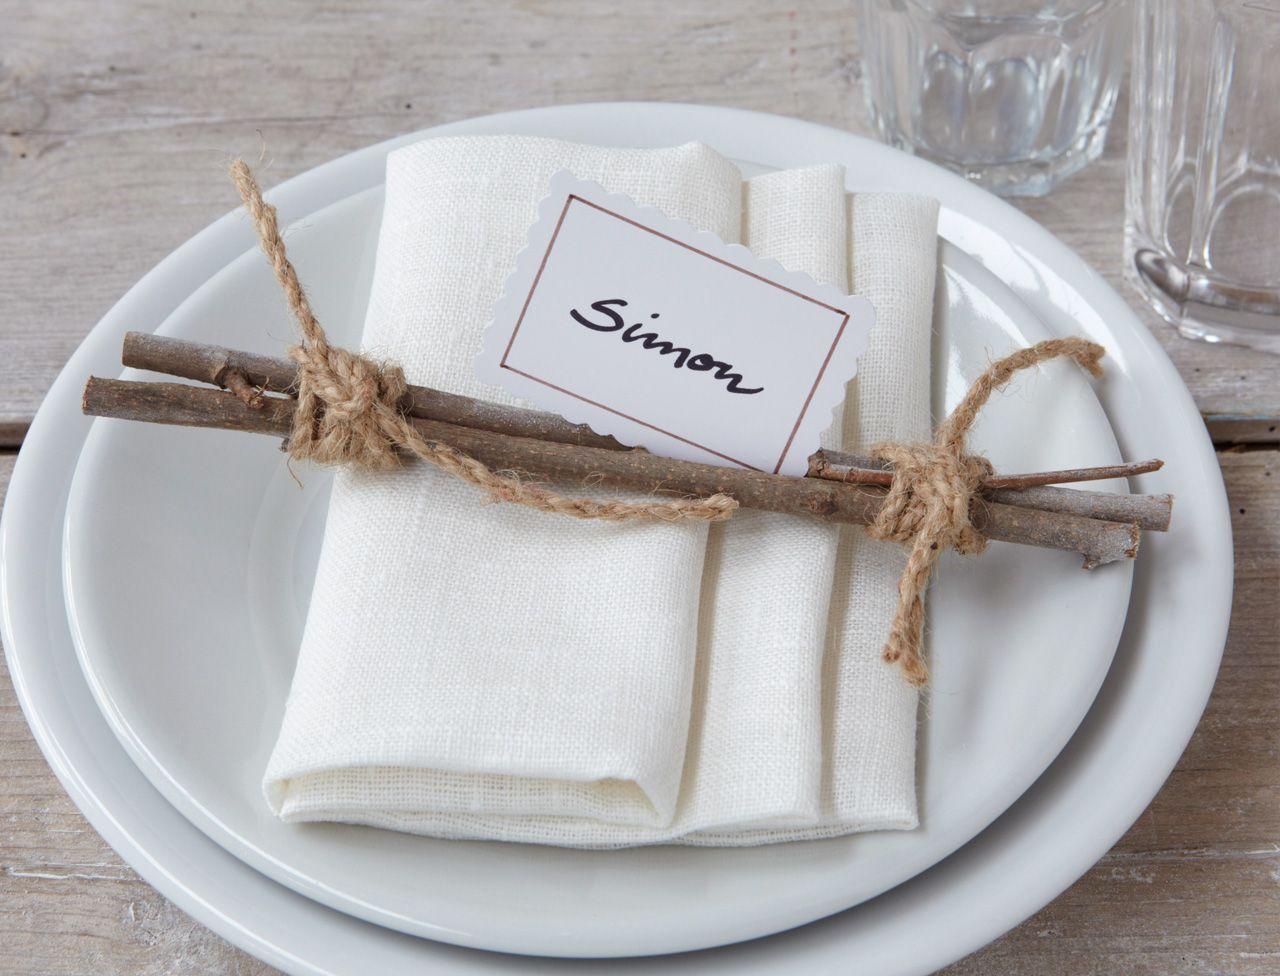 pliage de serviette en forme de plis pochette pliage serviettes pinterest pliage serviette. Black Bedroom Furniture Sets. Home Design Ideas